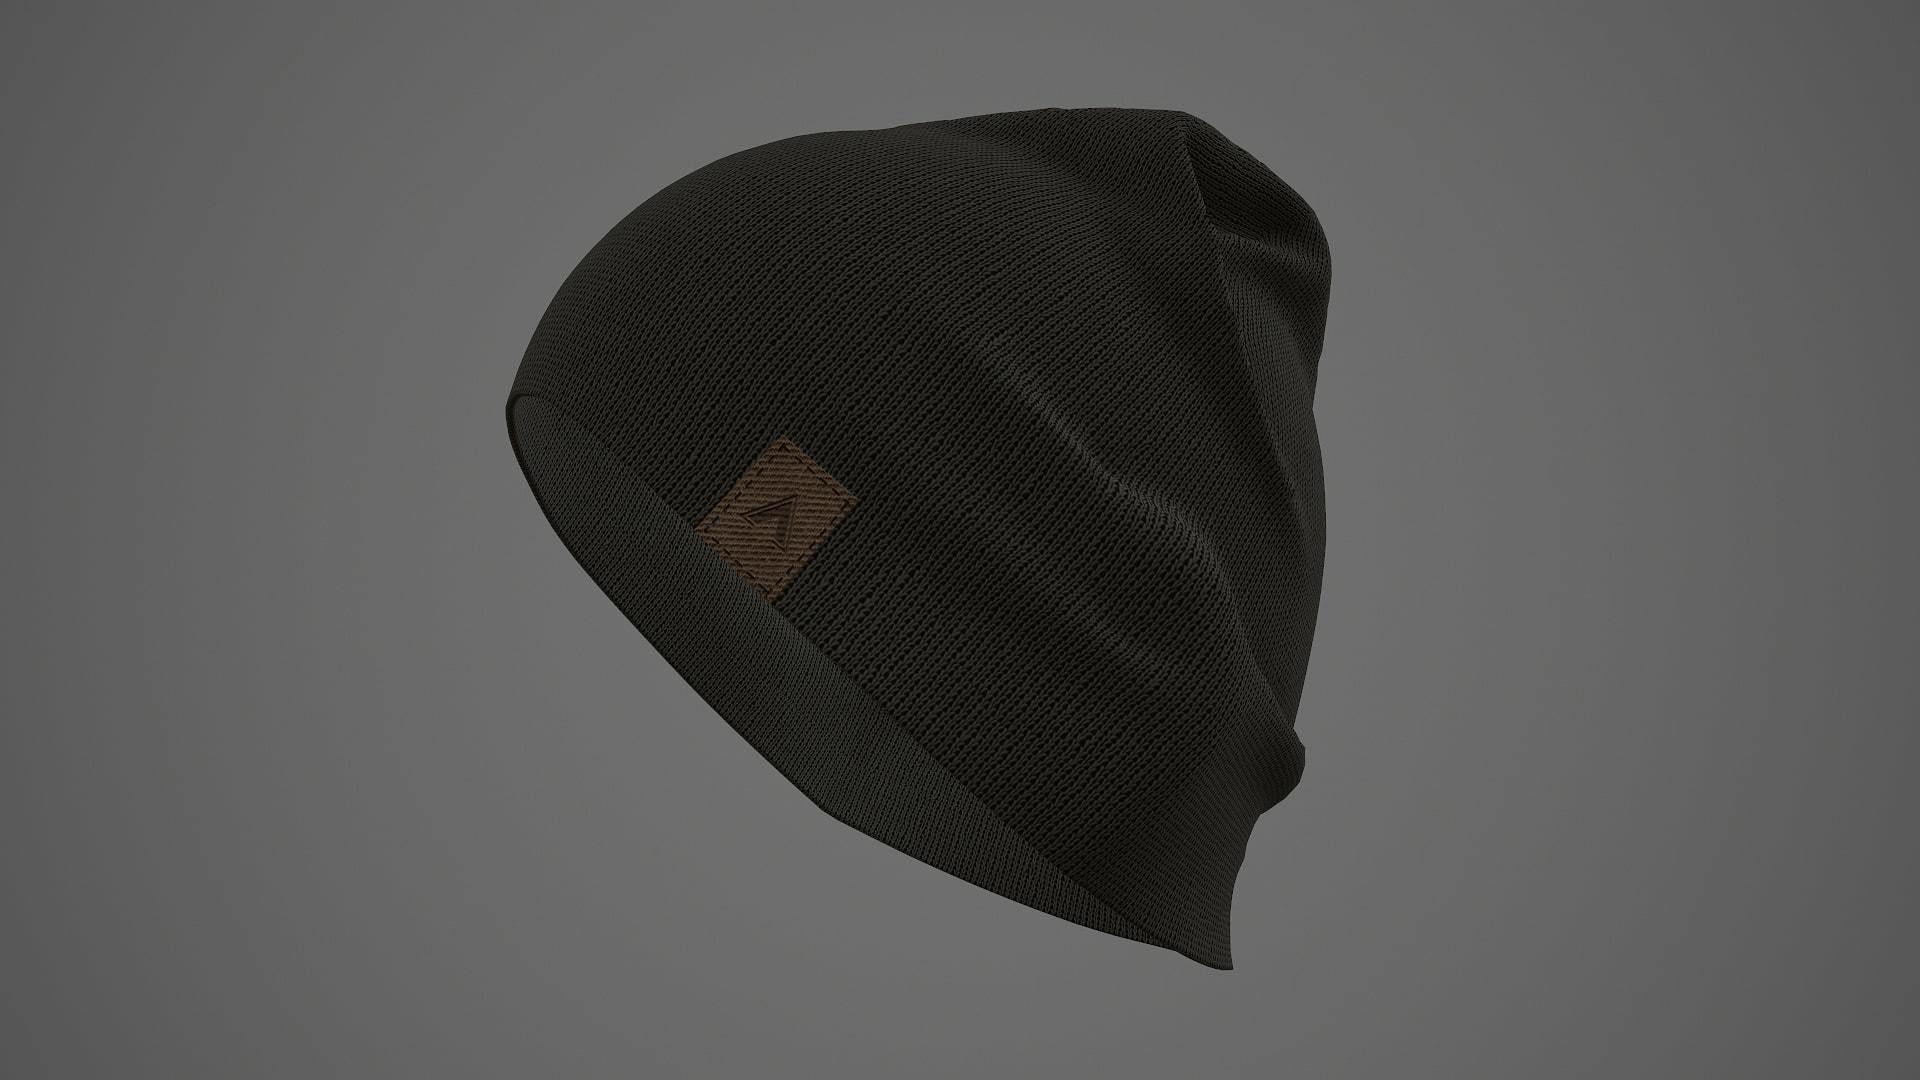 Beanie cap winter hat PBR